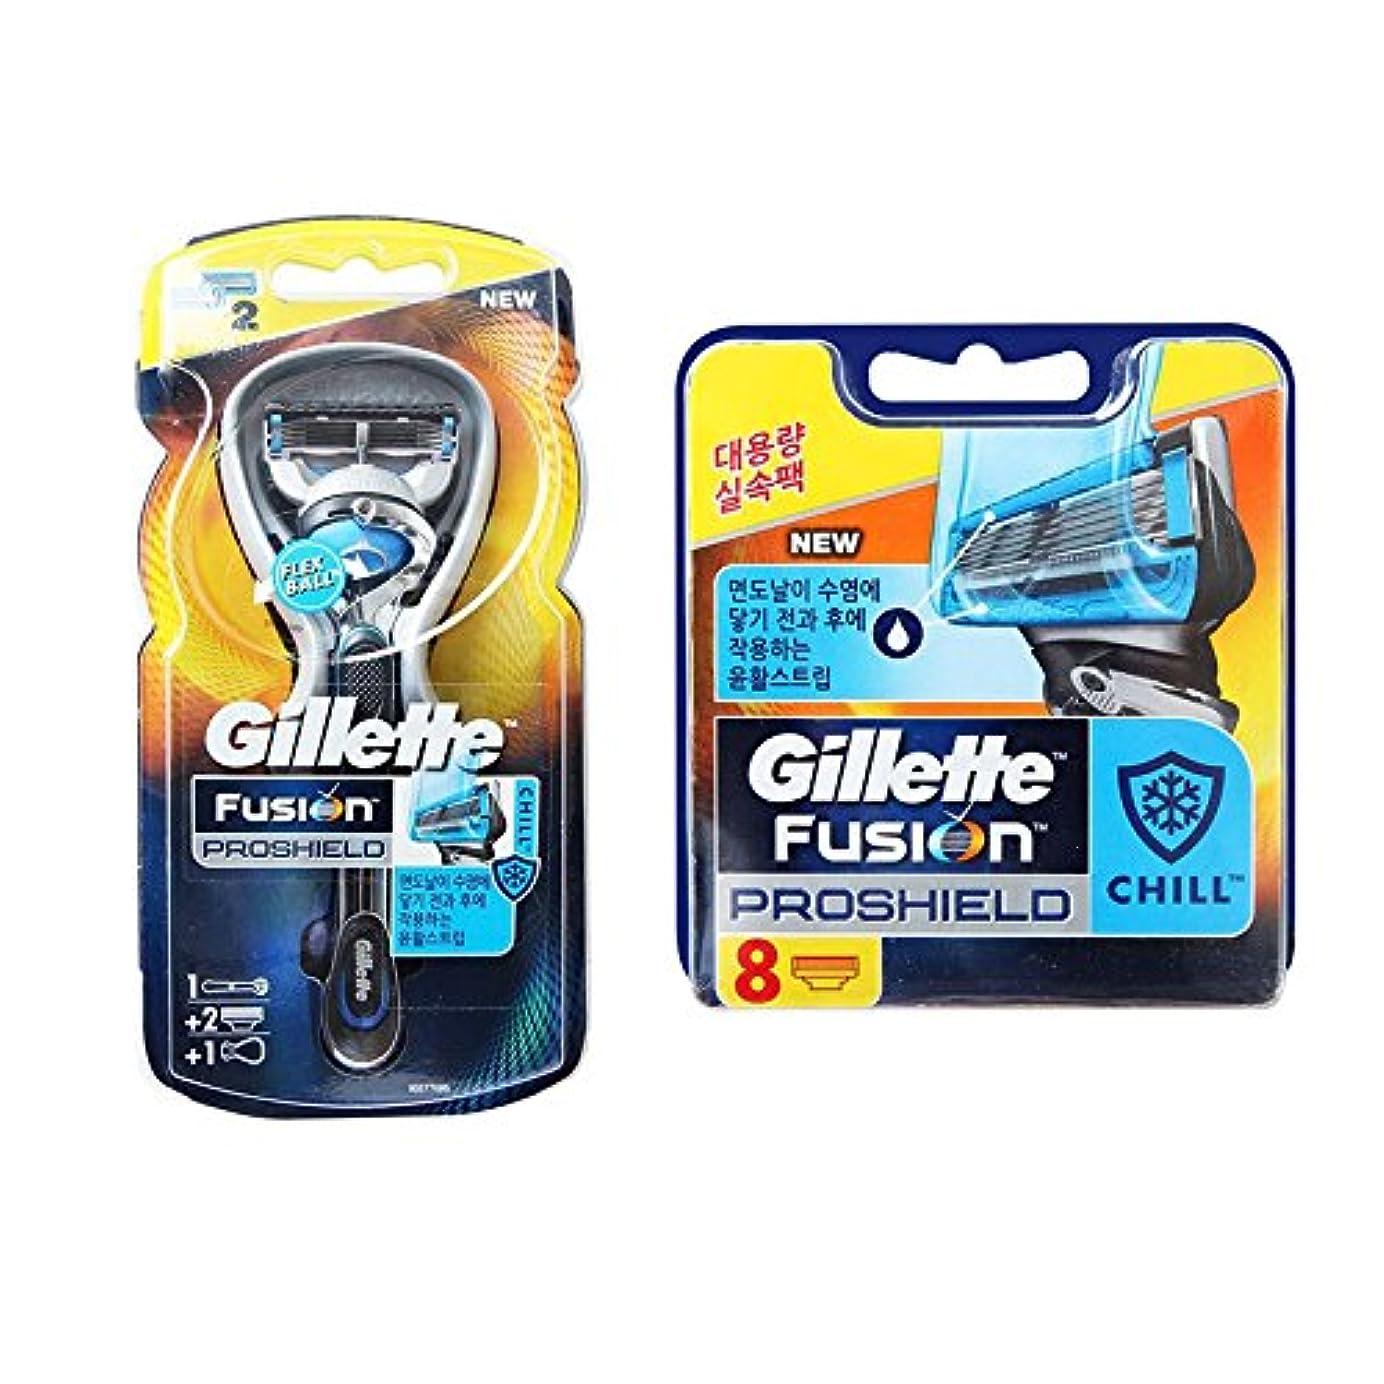 検査官感動する薬を飲むGillette Fusion Proshield Chill Blue 1本の剃刀と10本の剃刀刃 [並行輸入品]